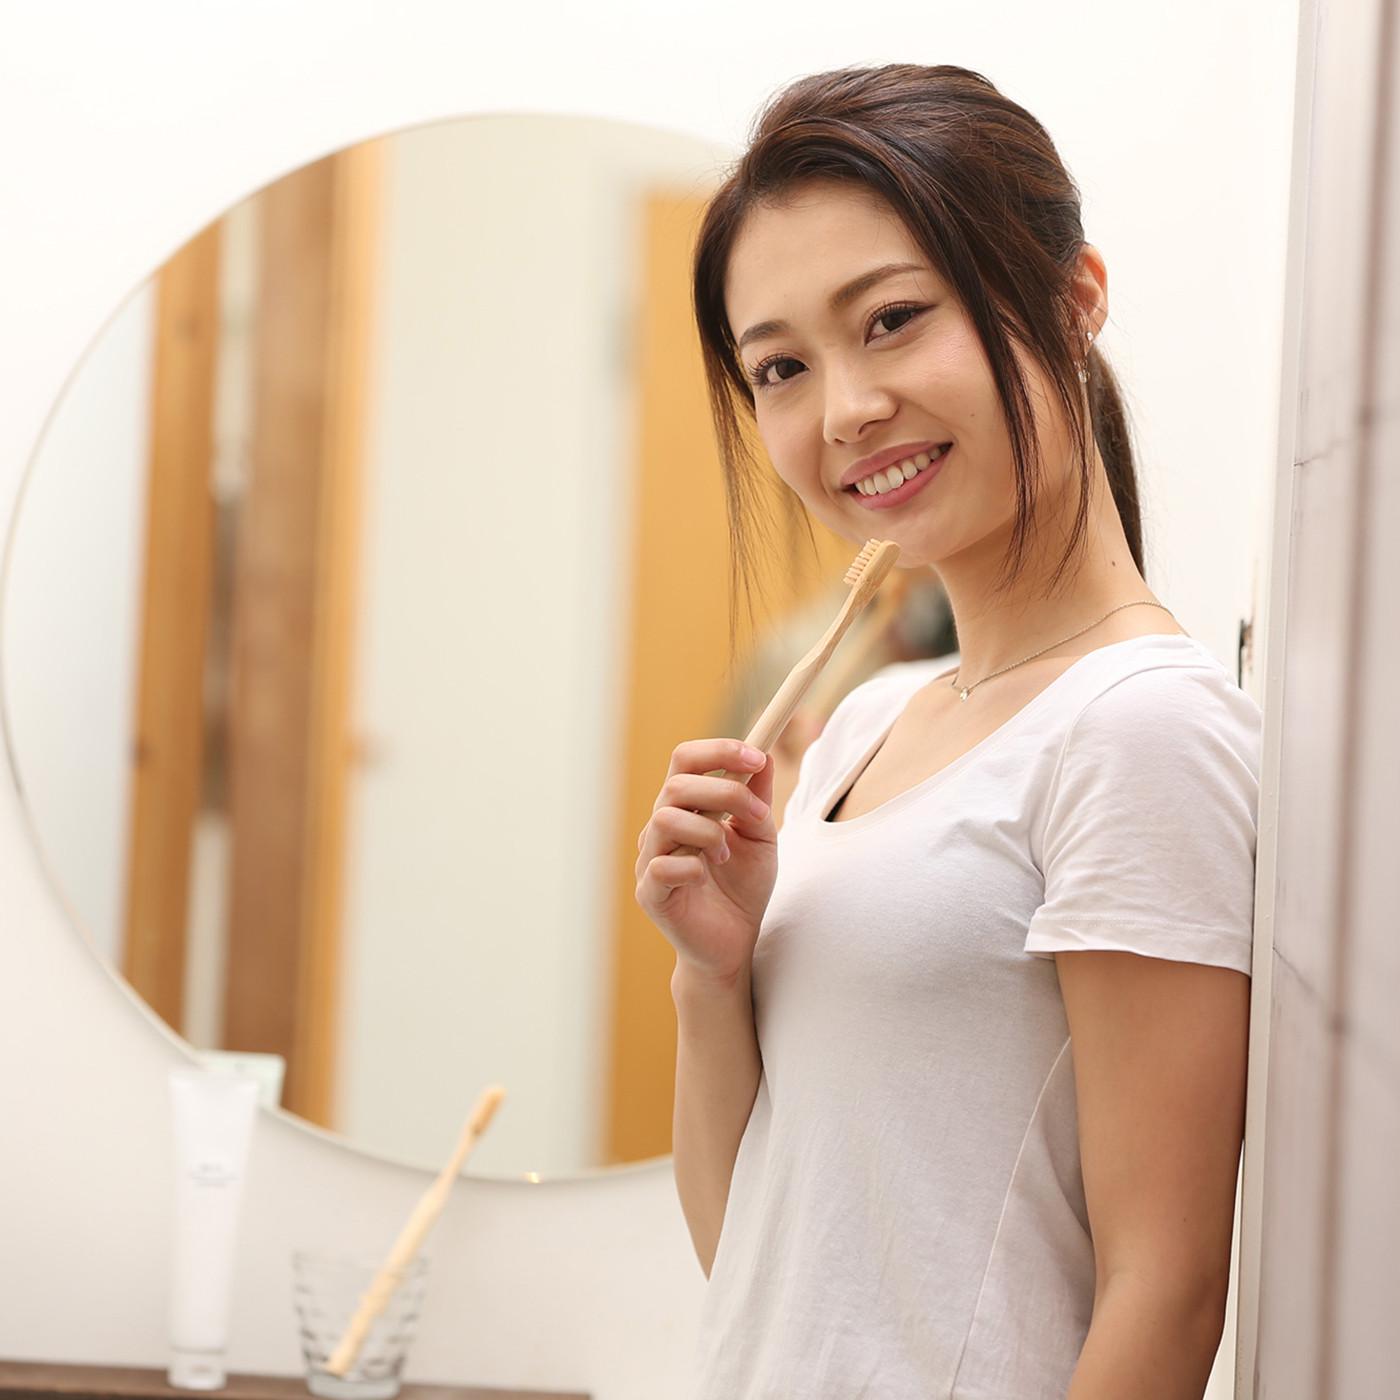 竹歯ブラシ『 BAMBOO TOOTHBRUSH シリーズ』 イメージモデルのご紹介